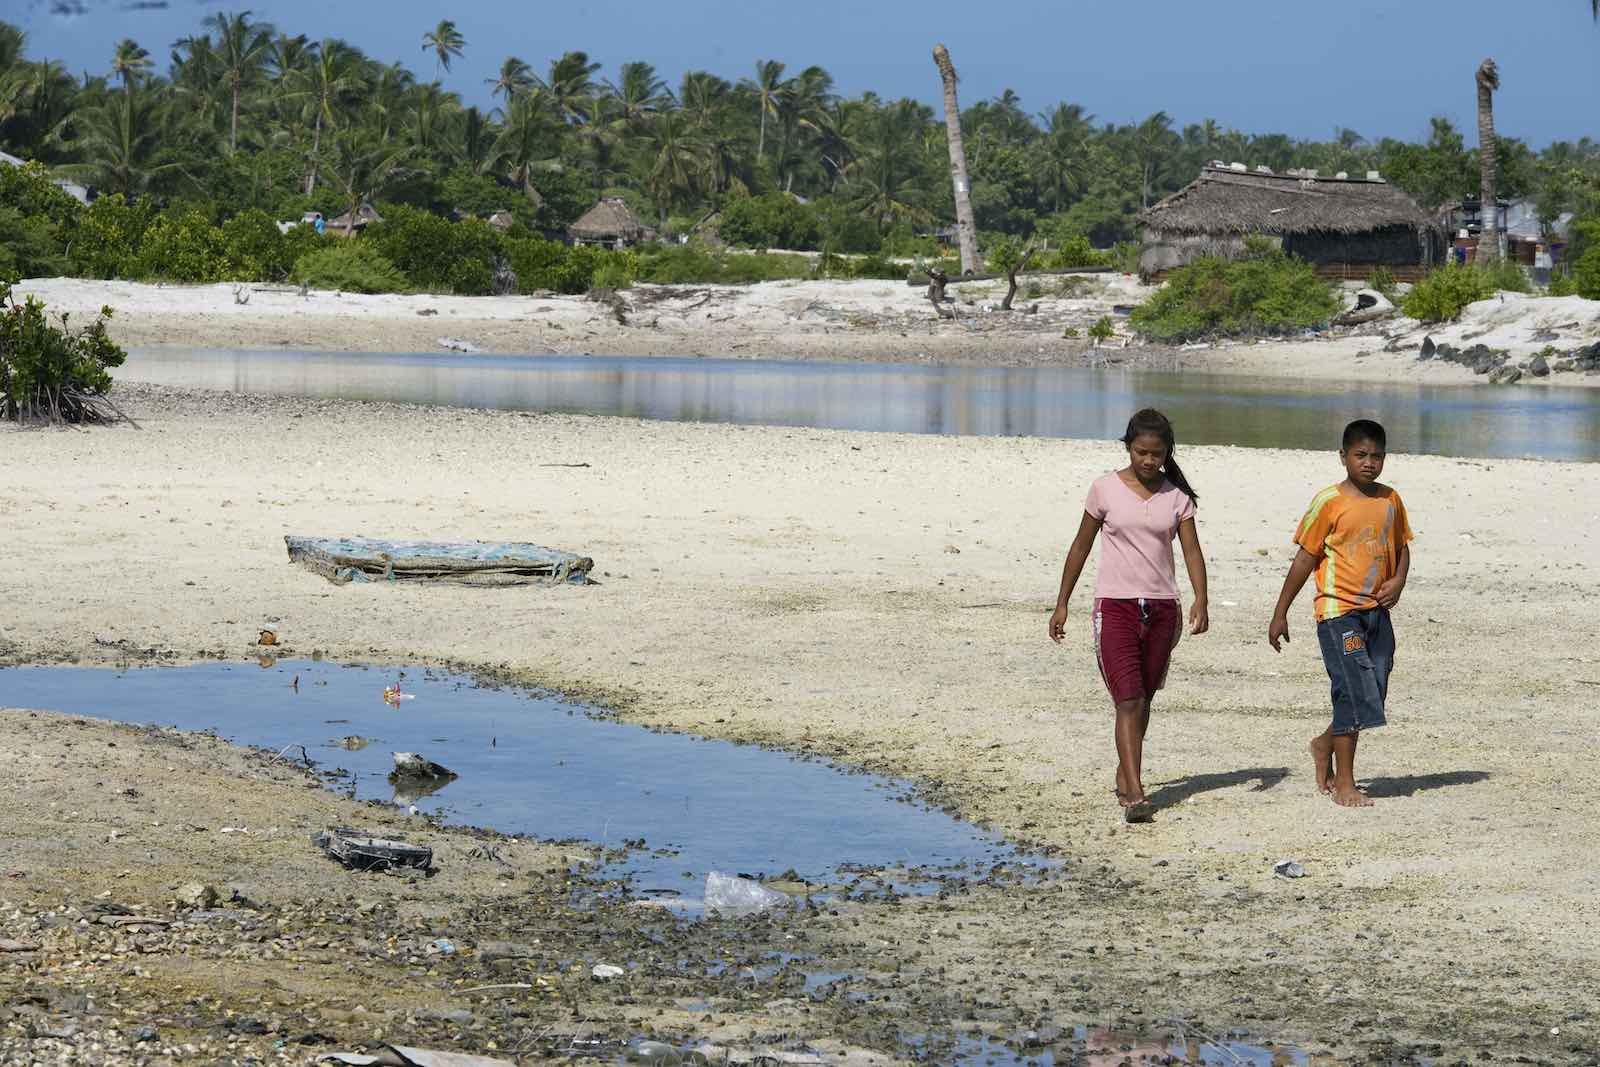 Tebikenikora, Kiribati (Eskinder Debebe/UN Photo)